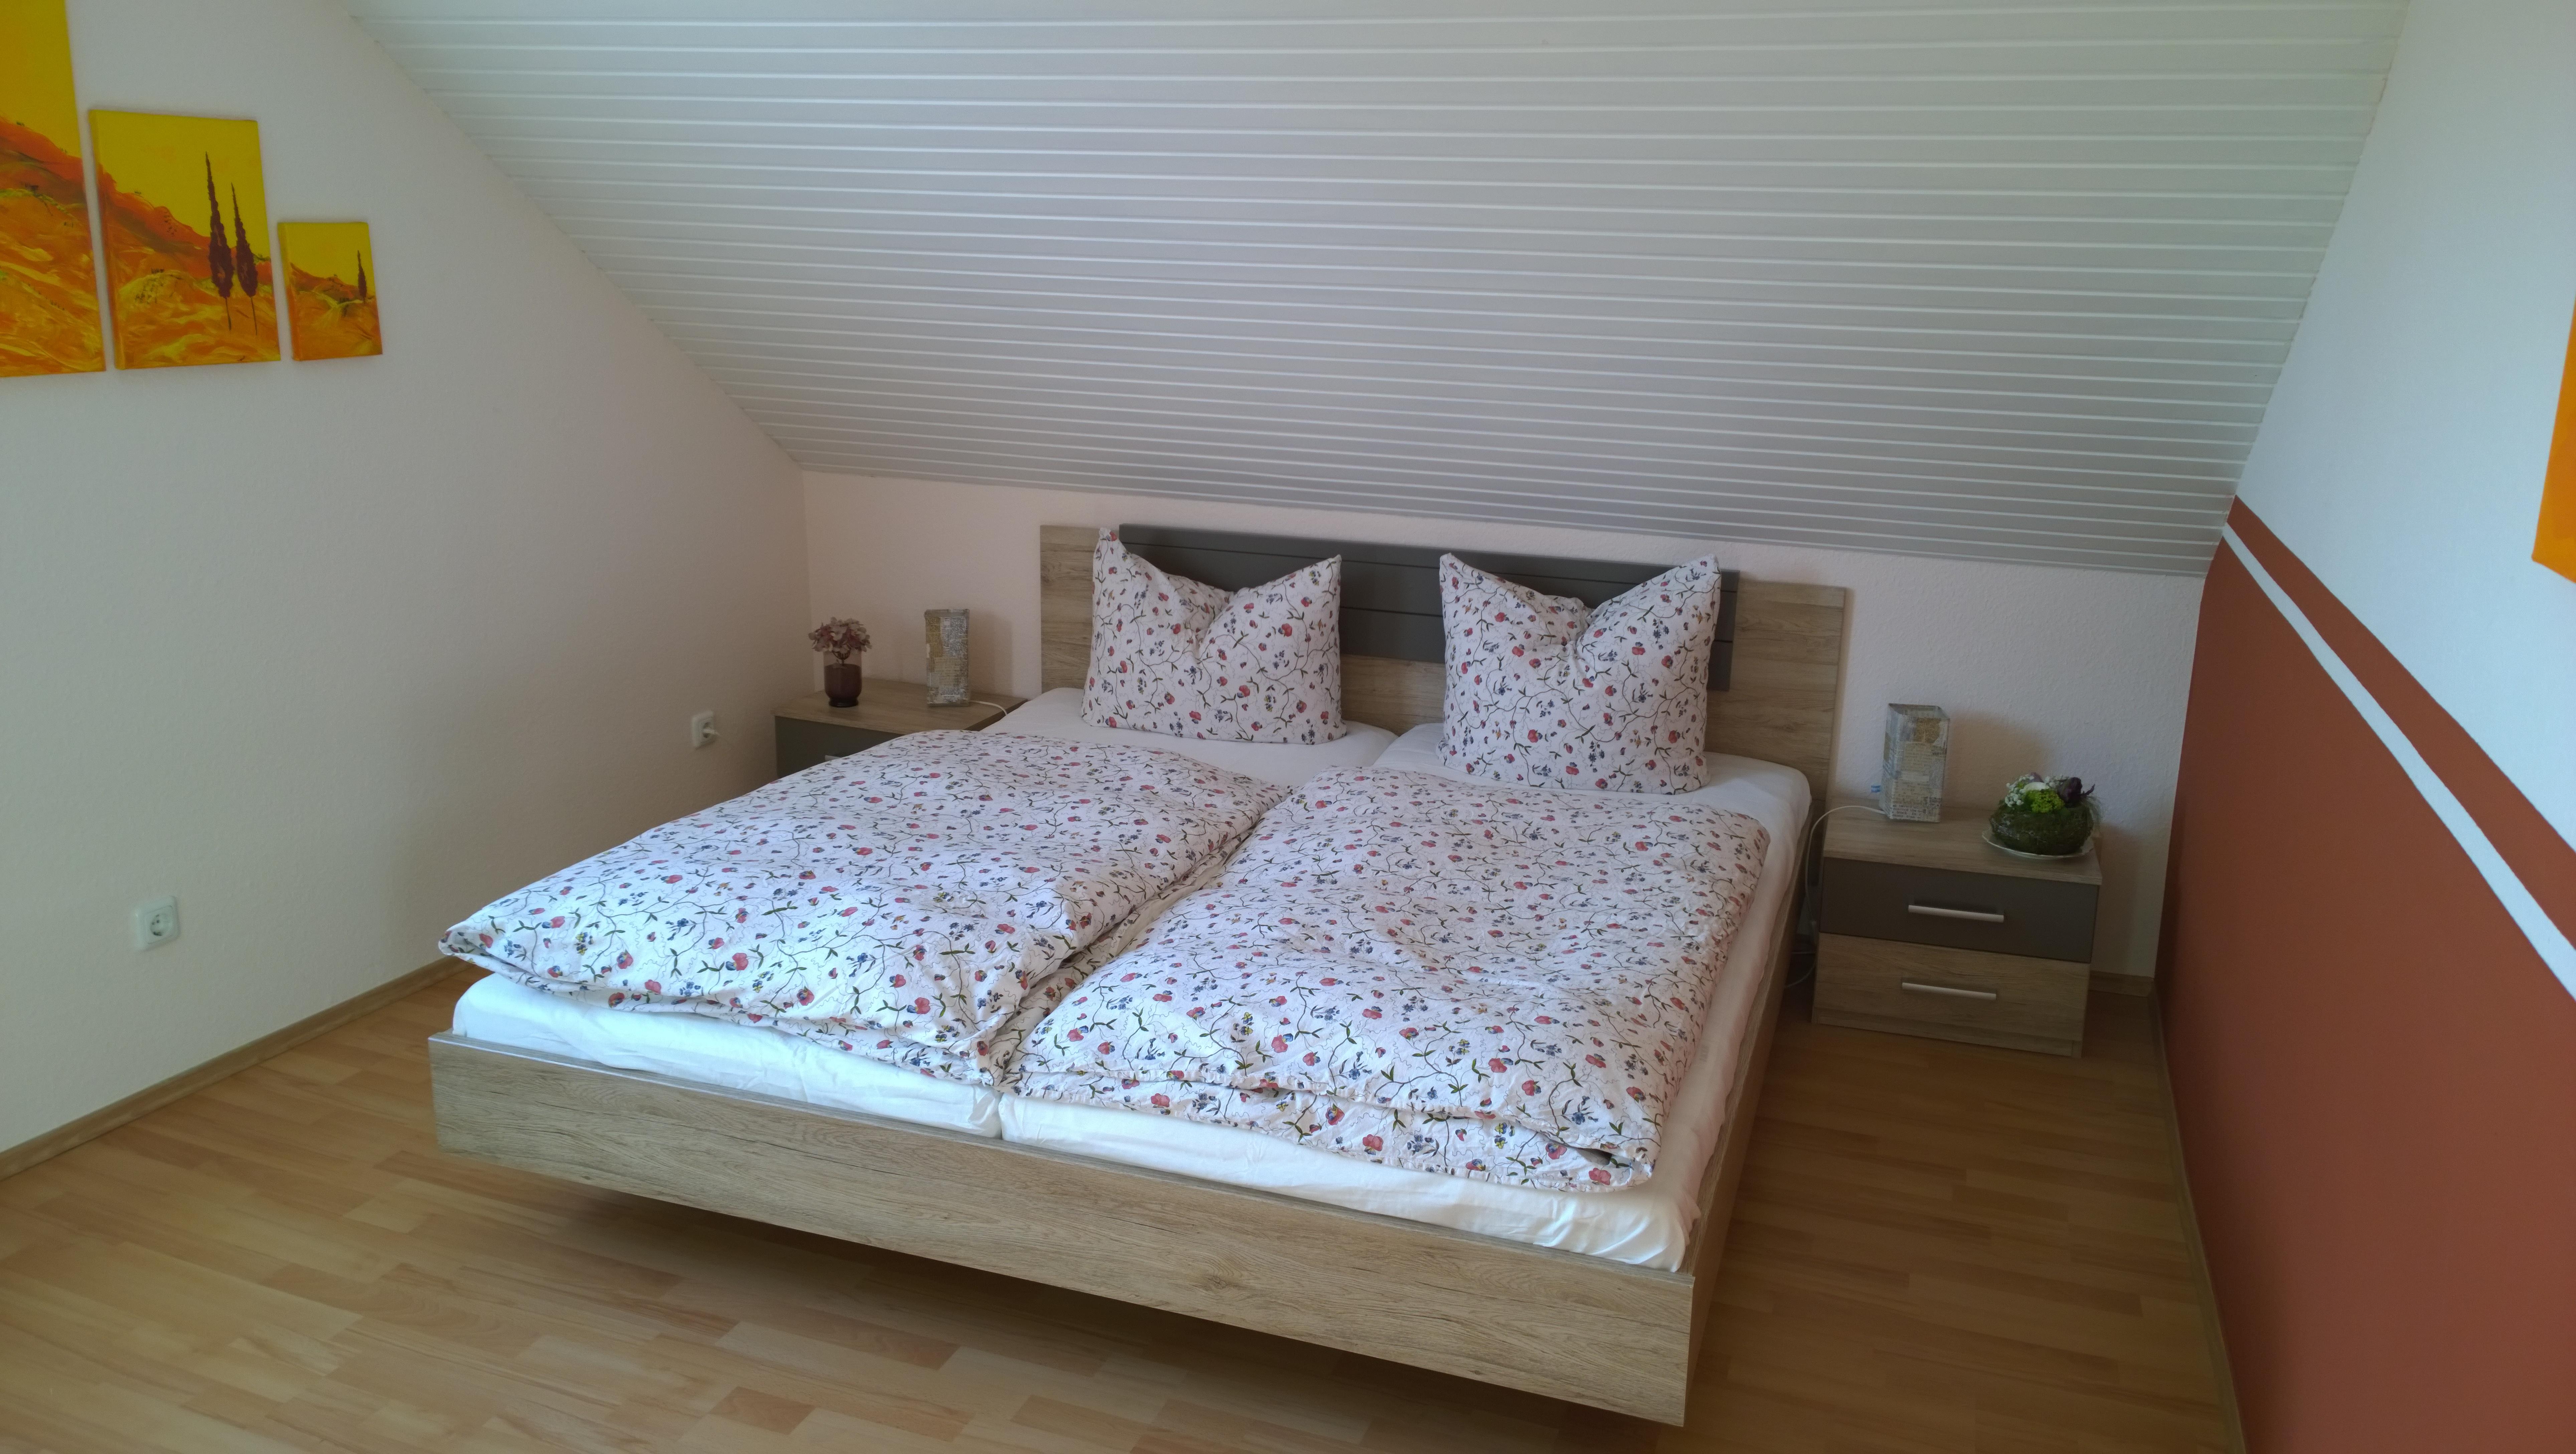 Bett zweites Schlafzimmer